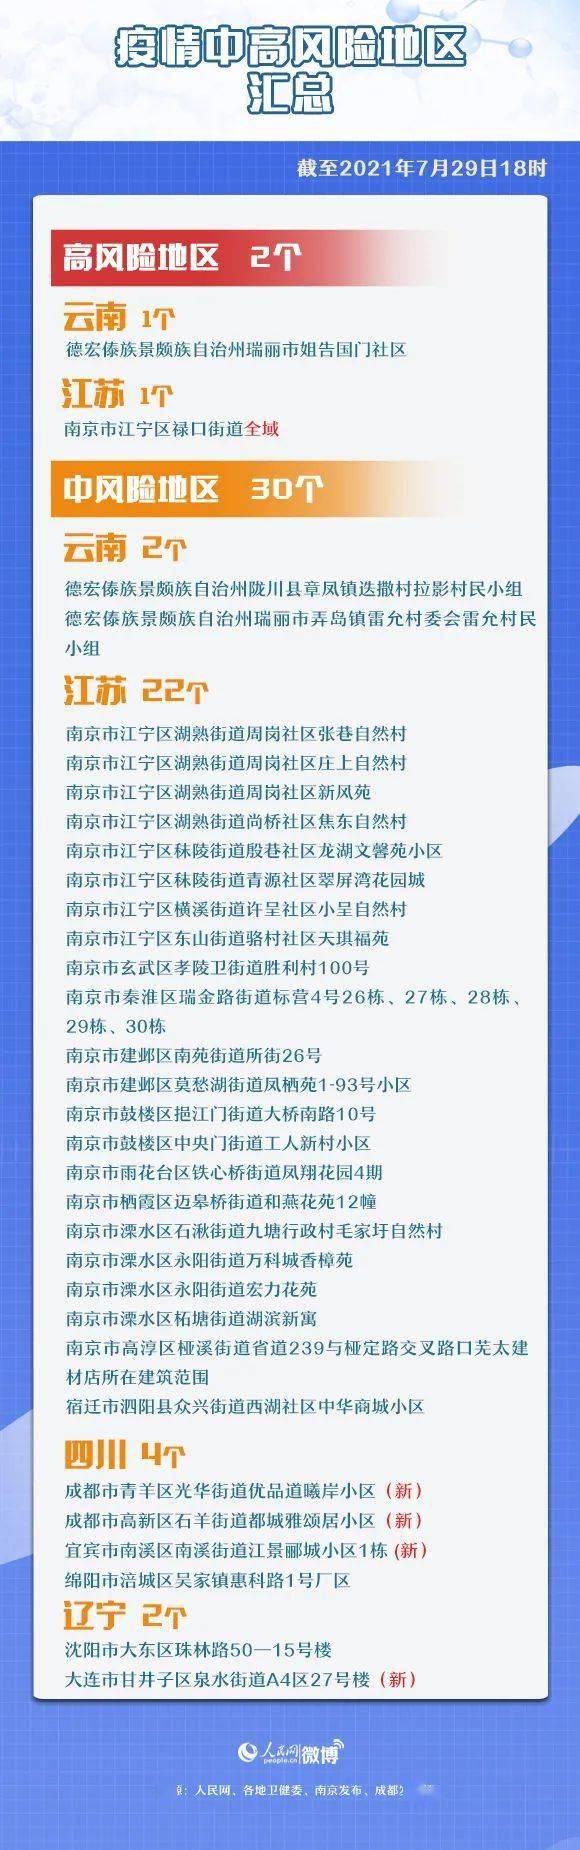 扩散!一确诊病例密接者曾在太原火车站停留超2小时!张家界返京夫妻确诊,密接654人,曾坐过3条地铁